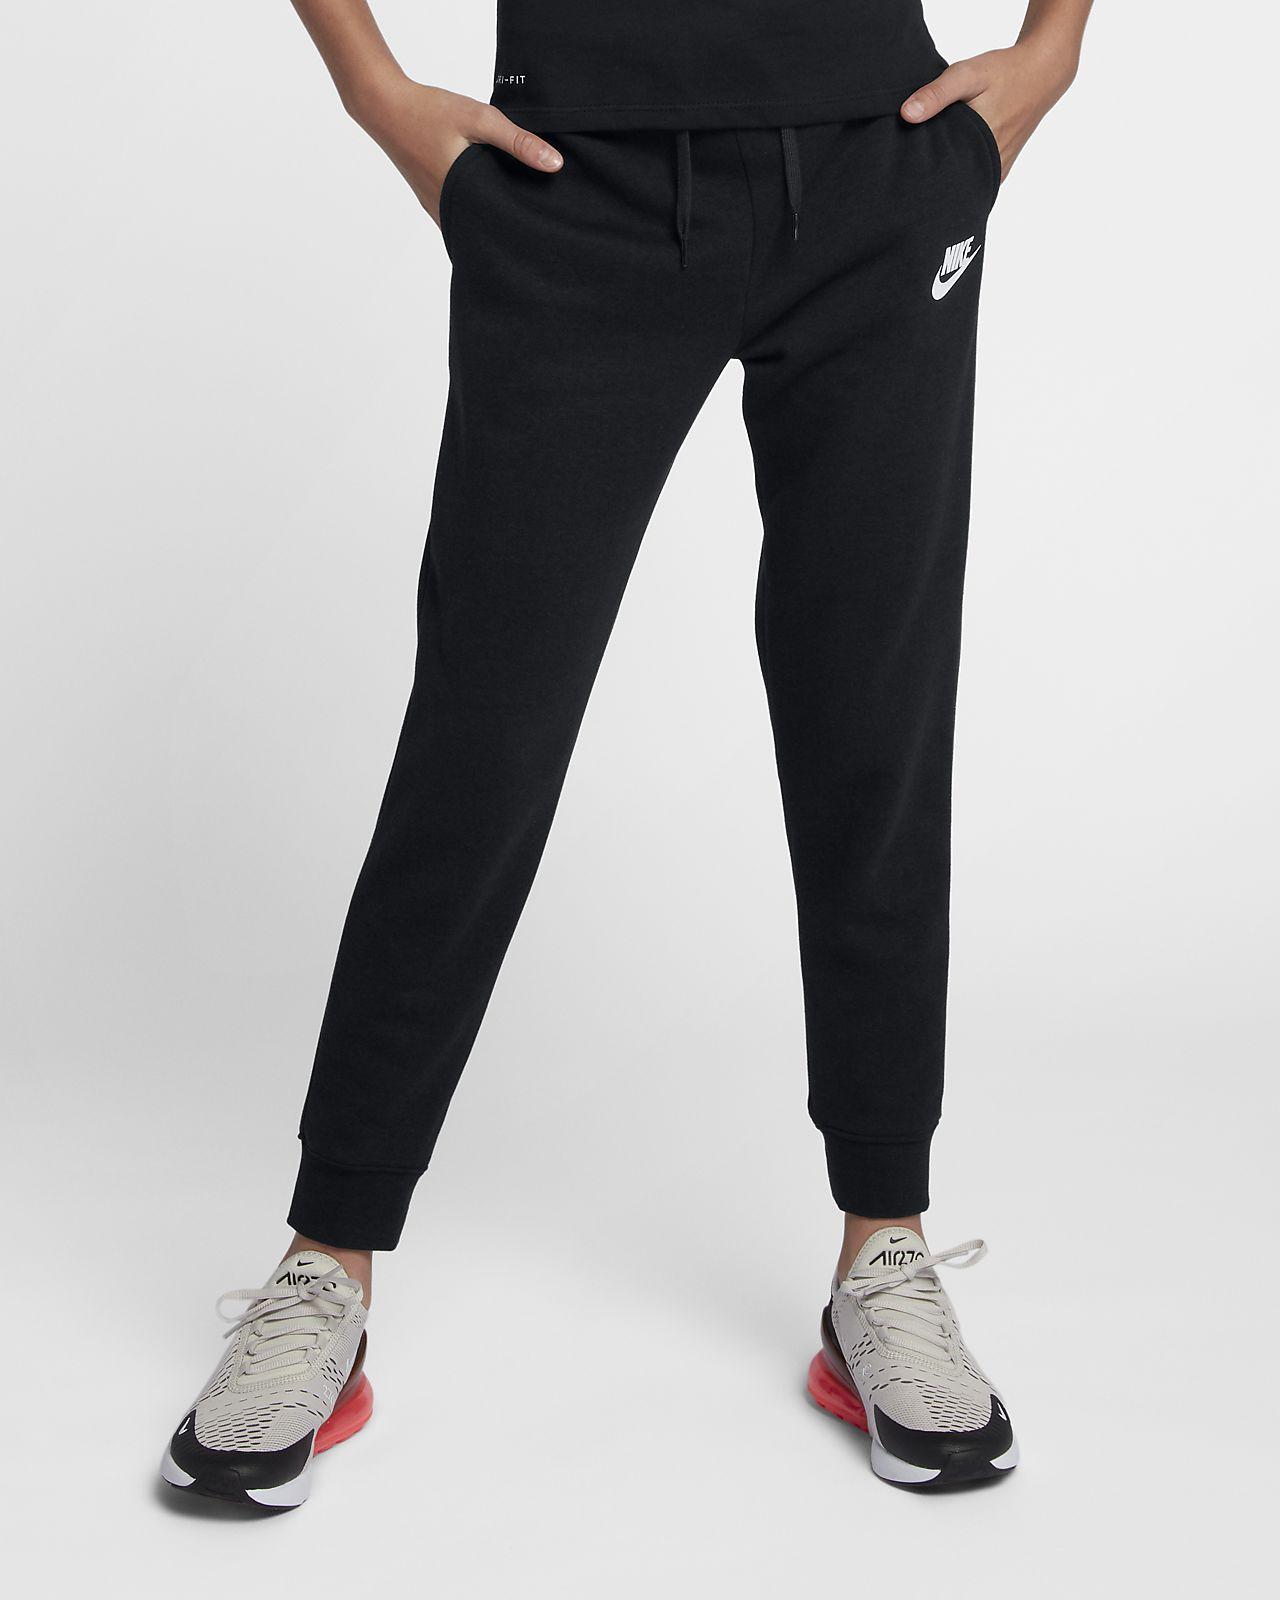 Byxor Nike Sportswear för tjejer